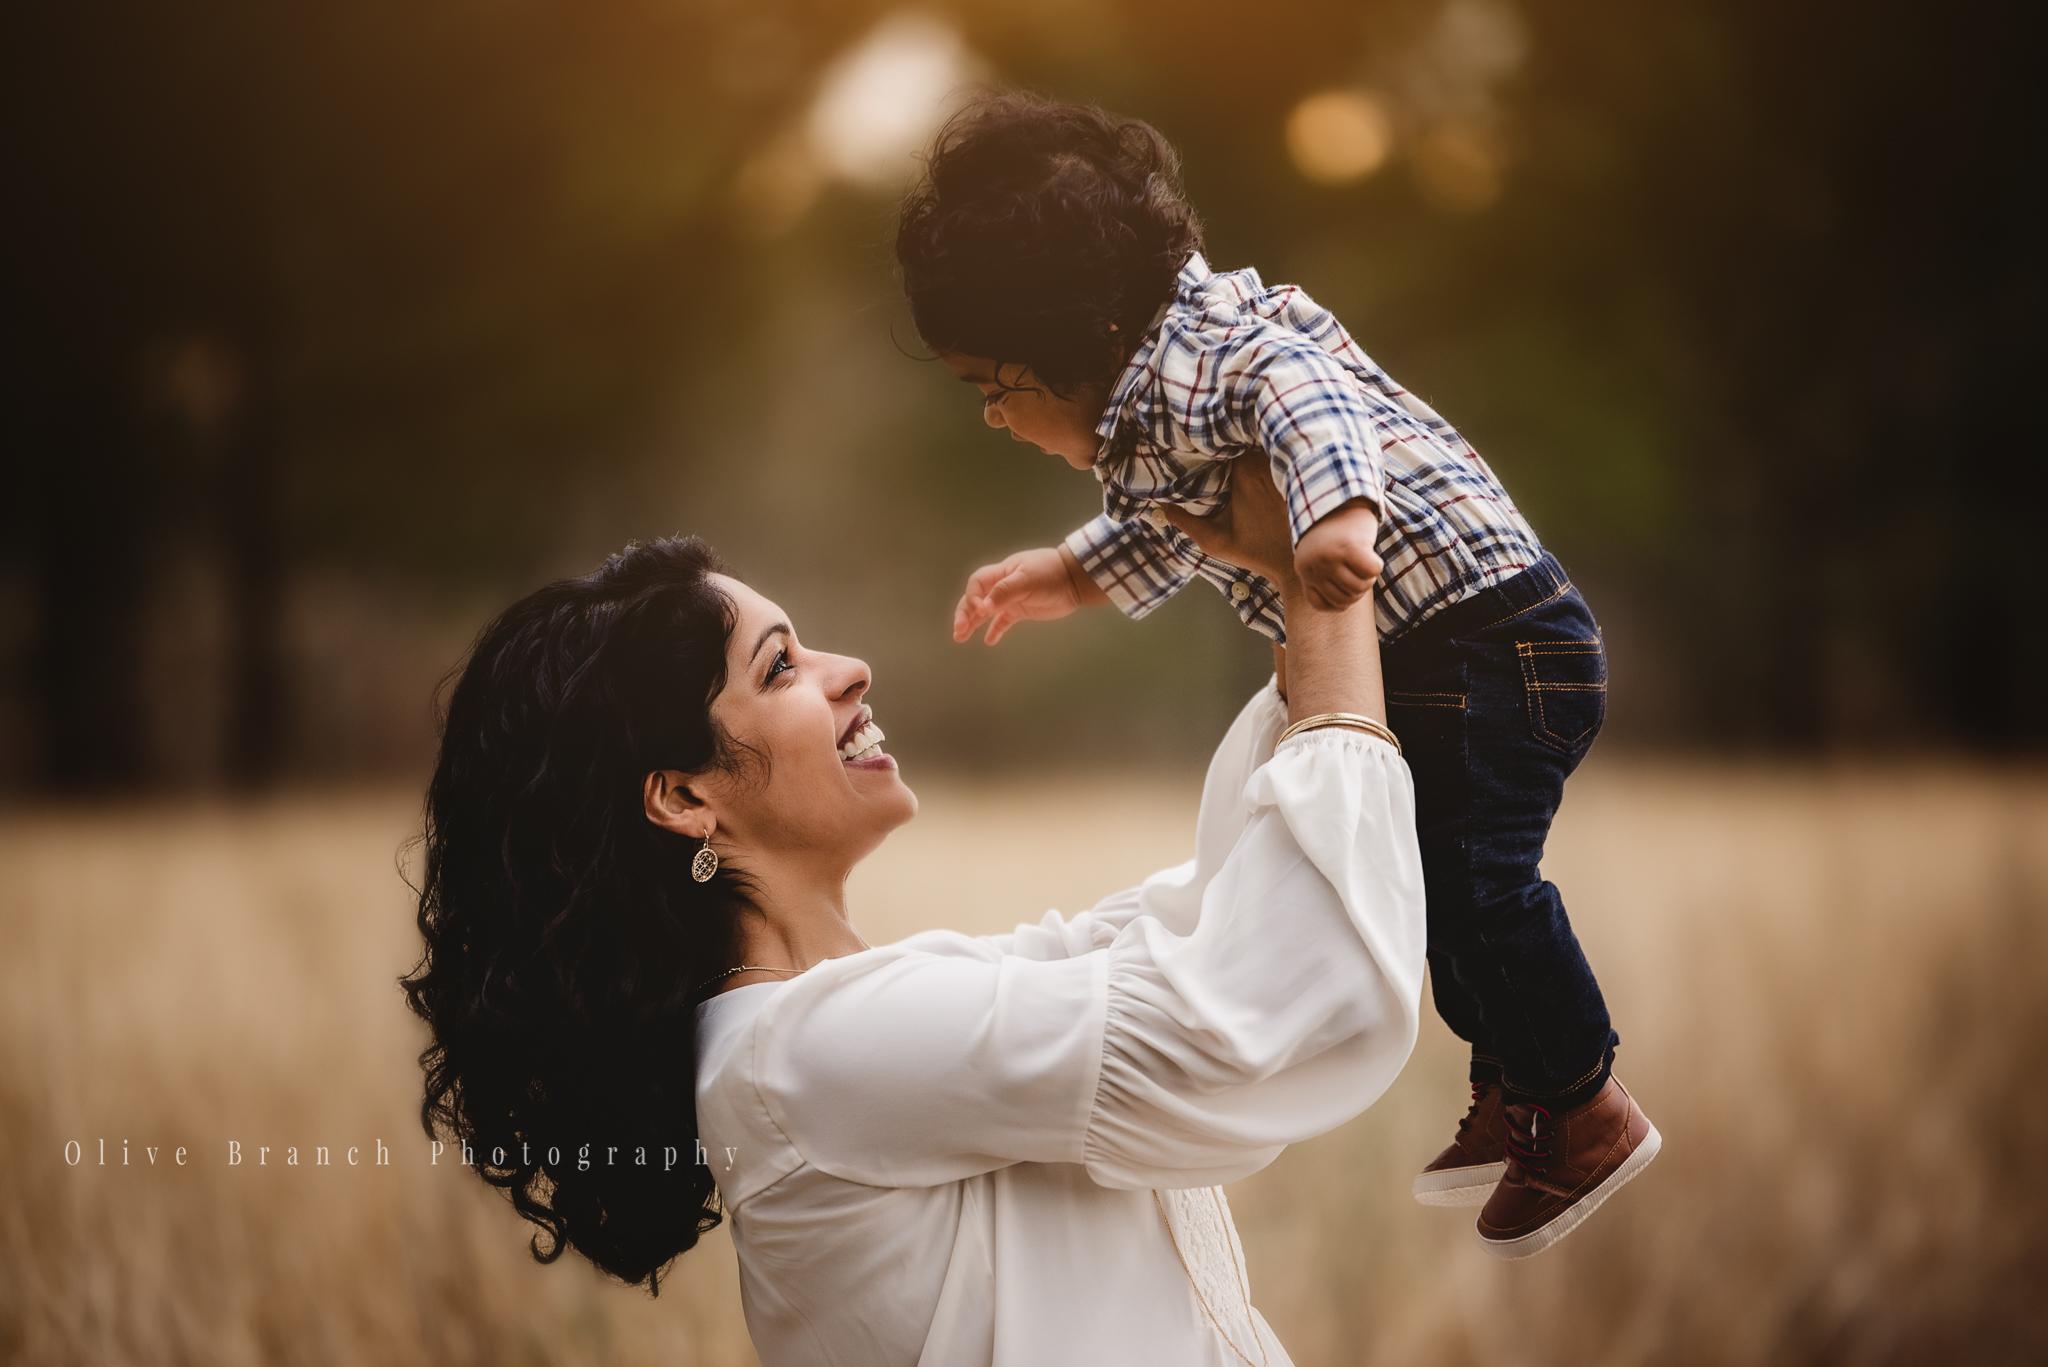 katyhoustontxfamilyphotographerfamilyphotography_OBP_8683-Edit.jpg